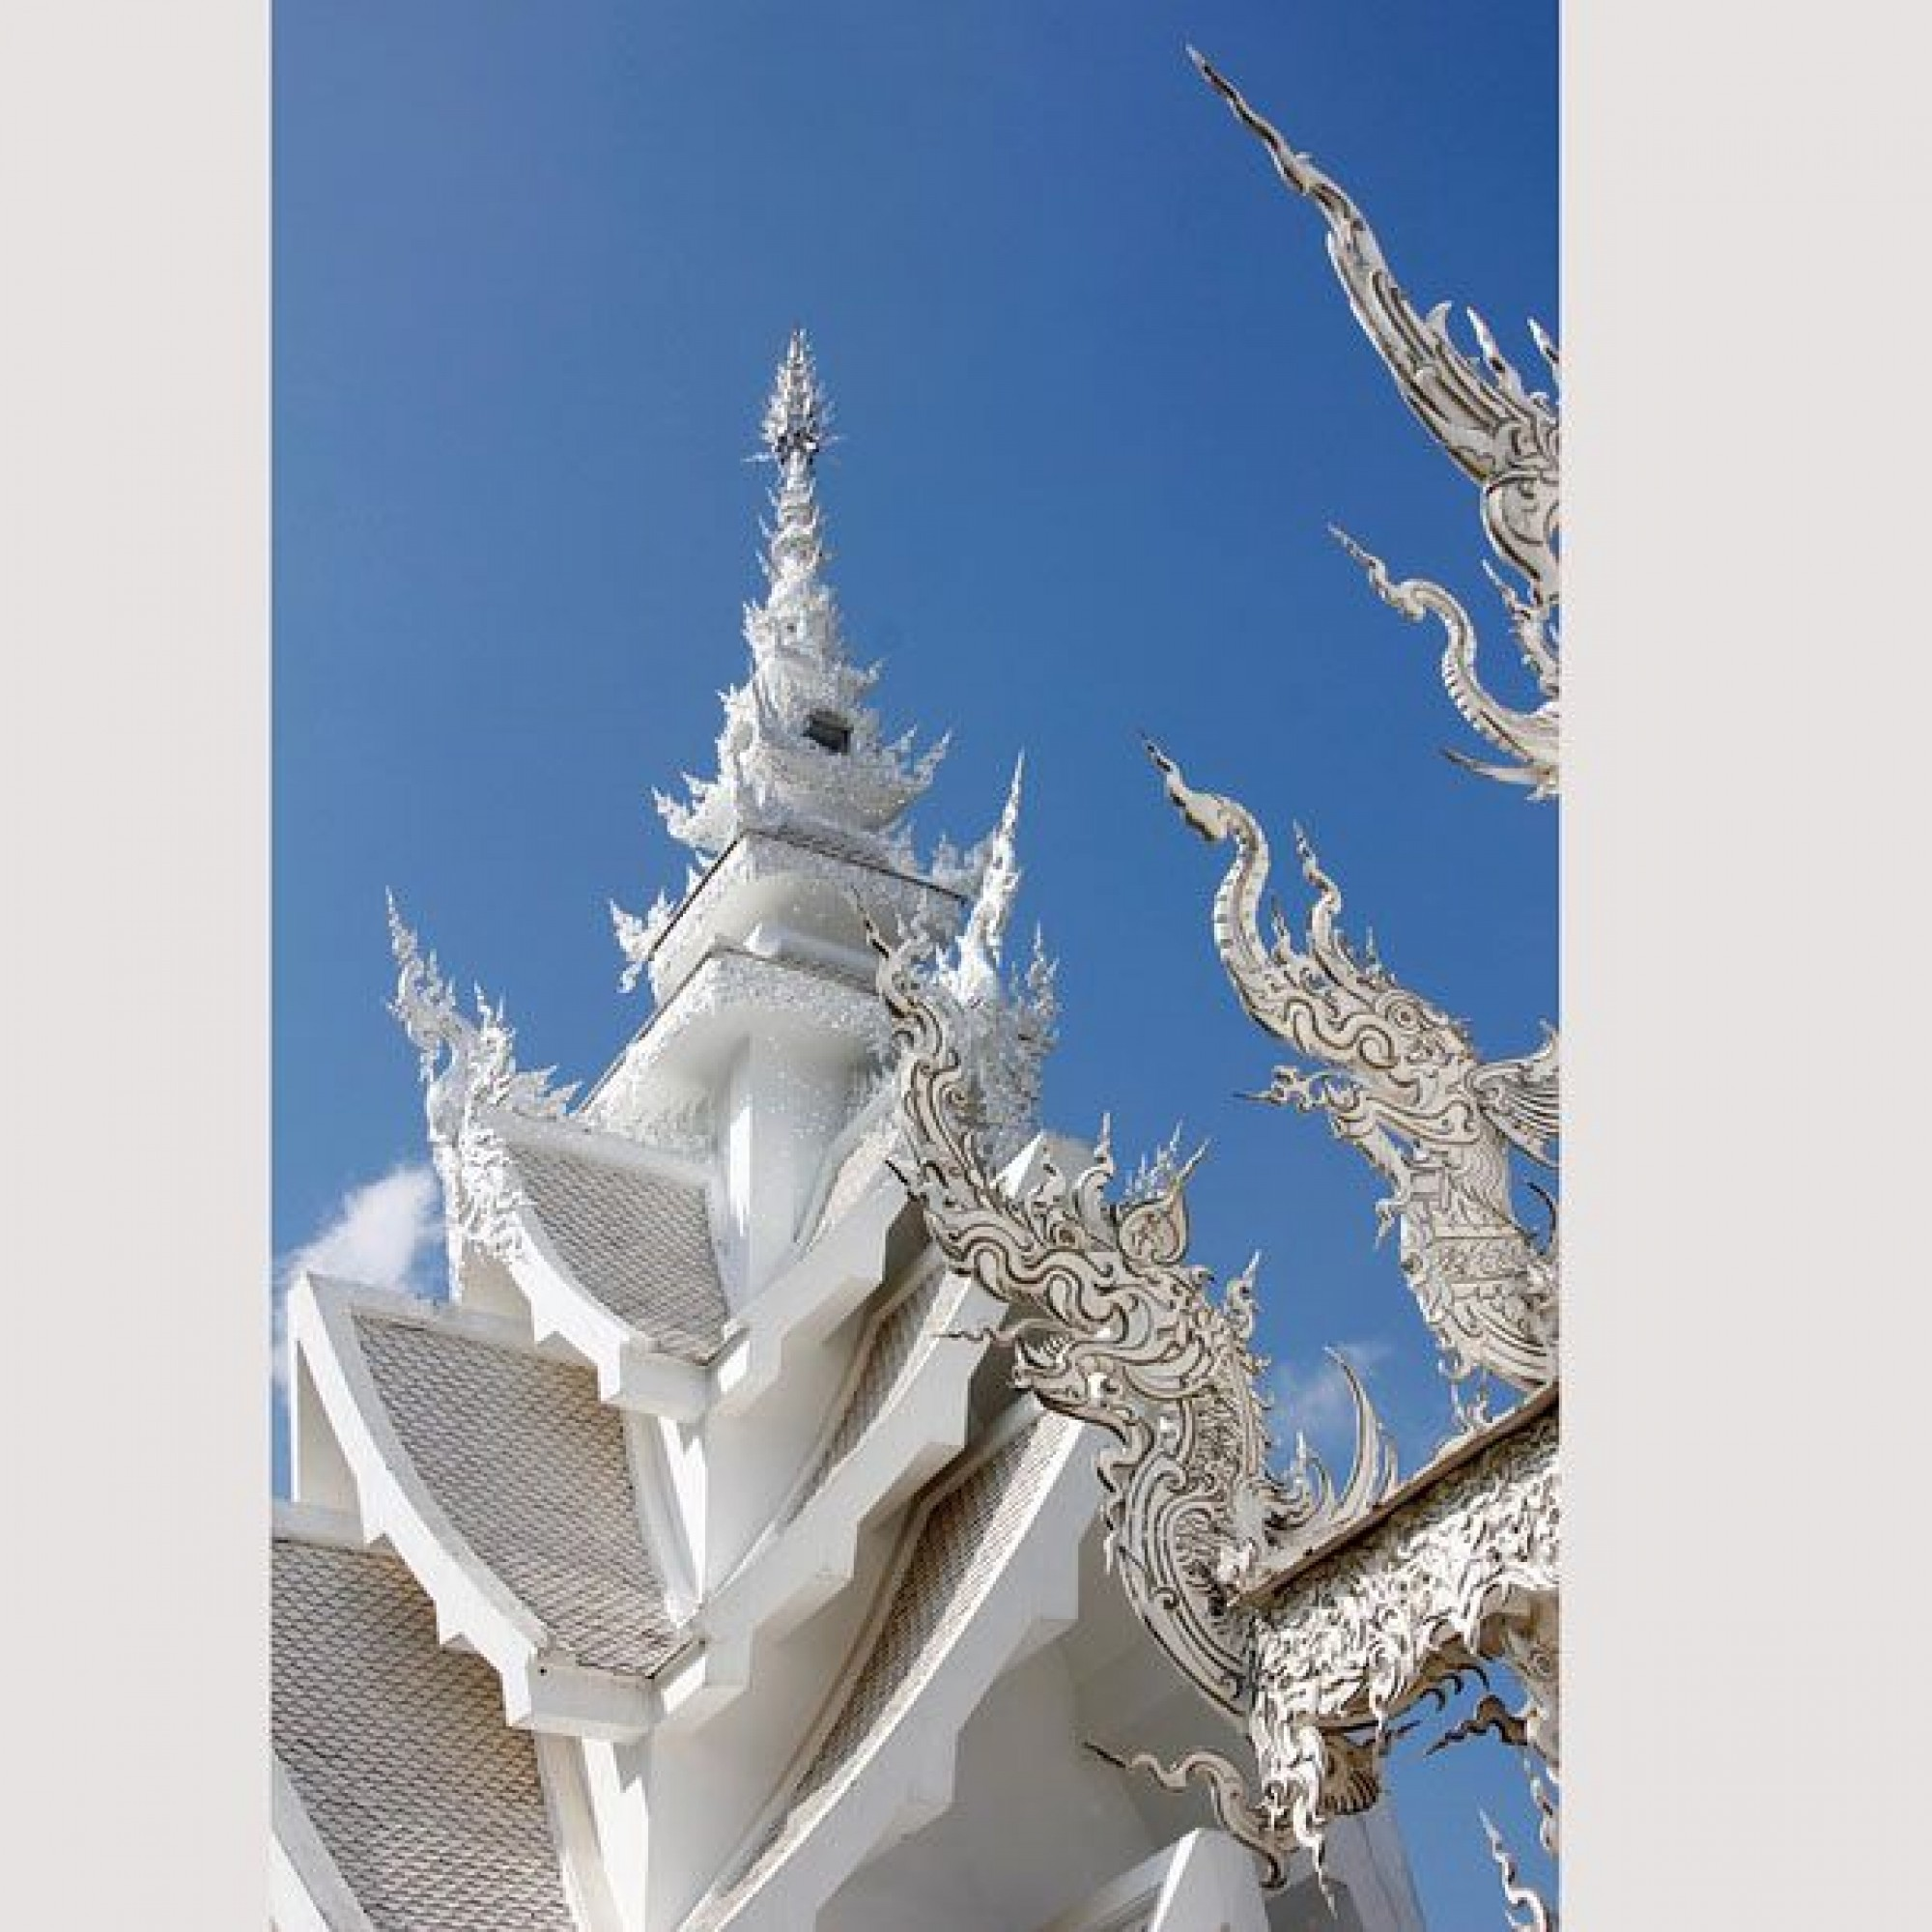 Details des Daches von Wat Rong Khun.